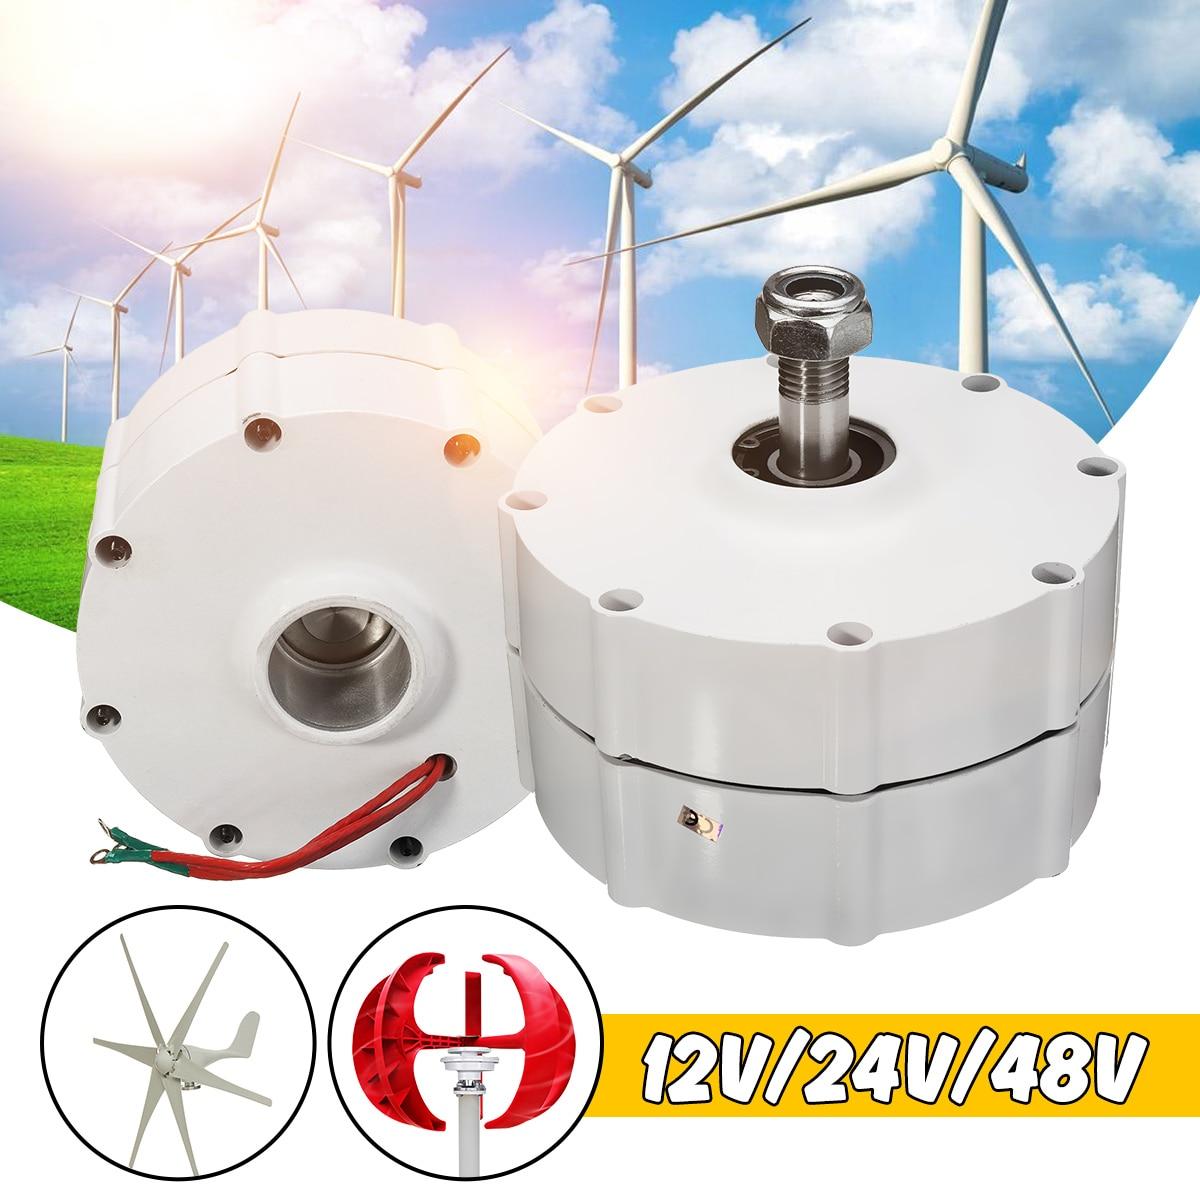 800W 12V 24V 48V Wind Generator Motor Permanent Magnet Generator Motor For Wind Turbines Blade Controller 3 Phase Current PMSG